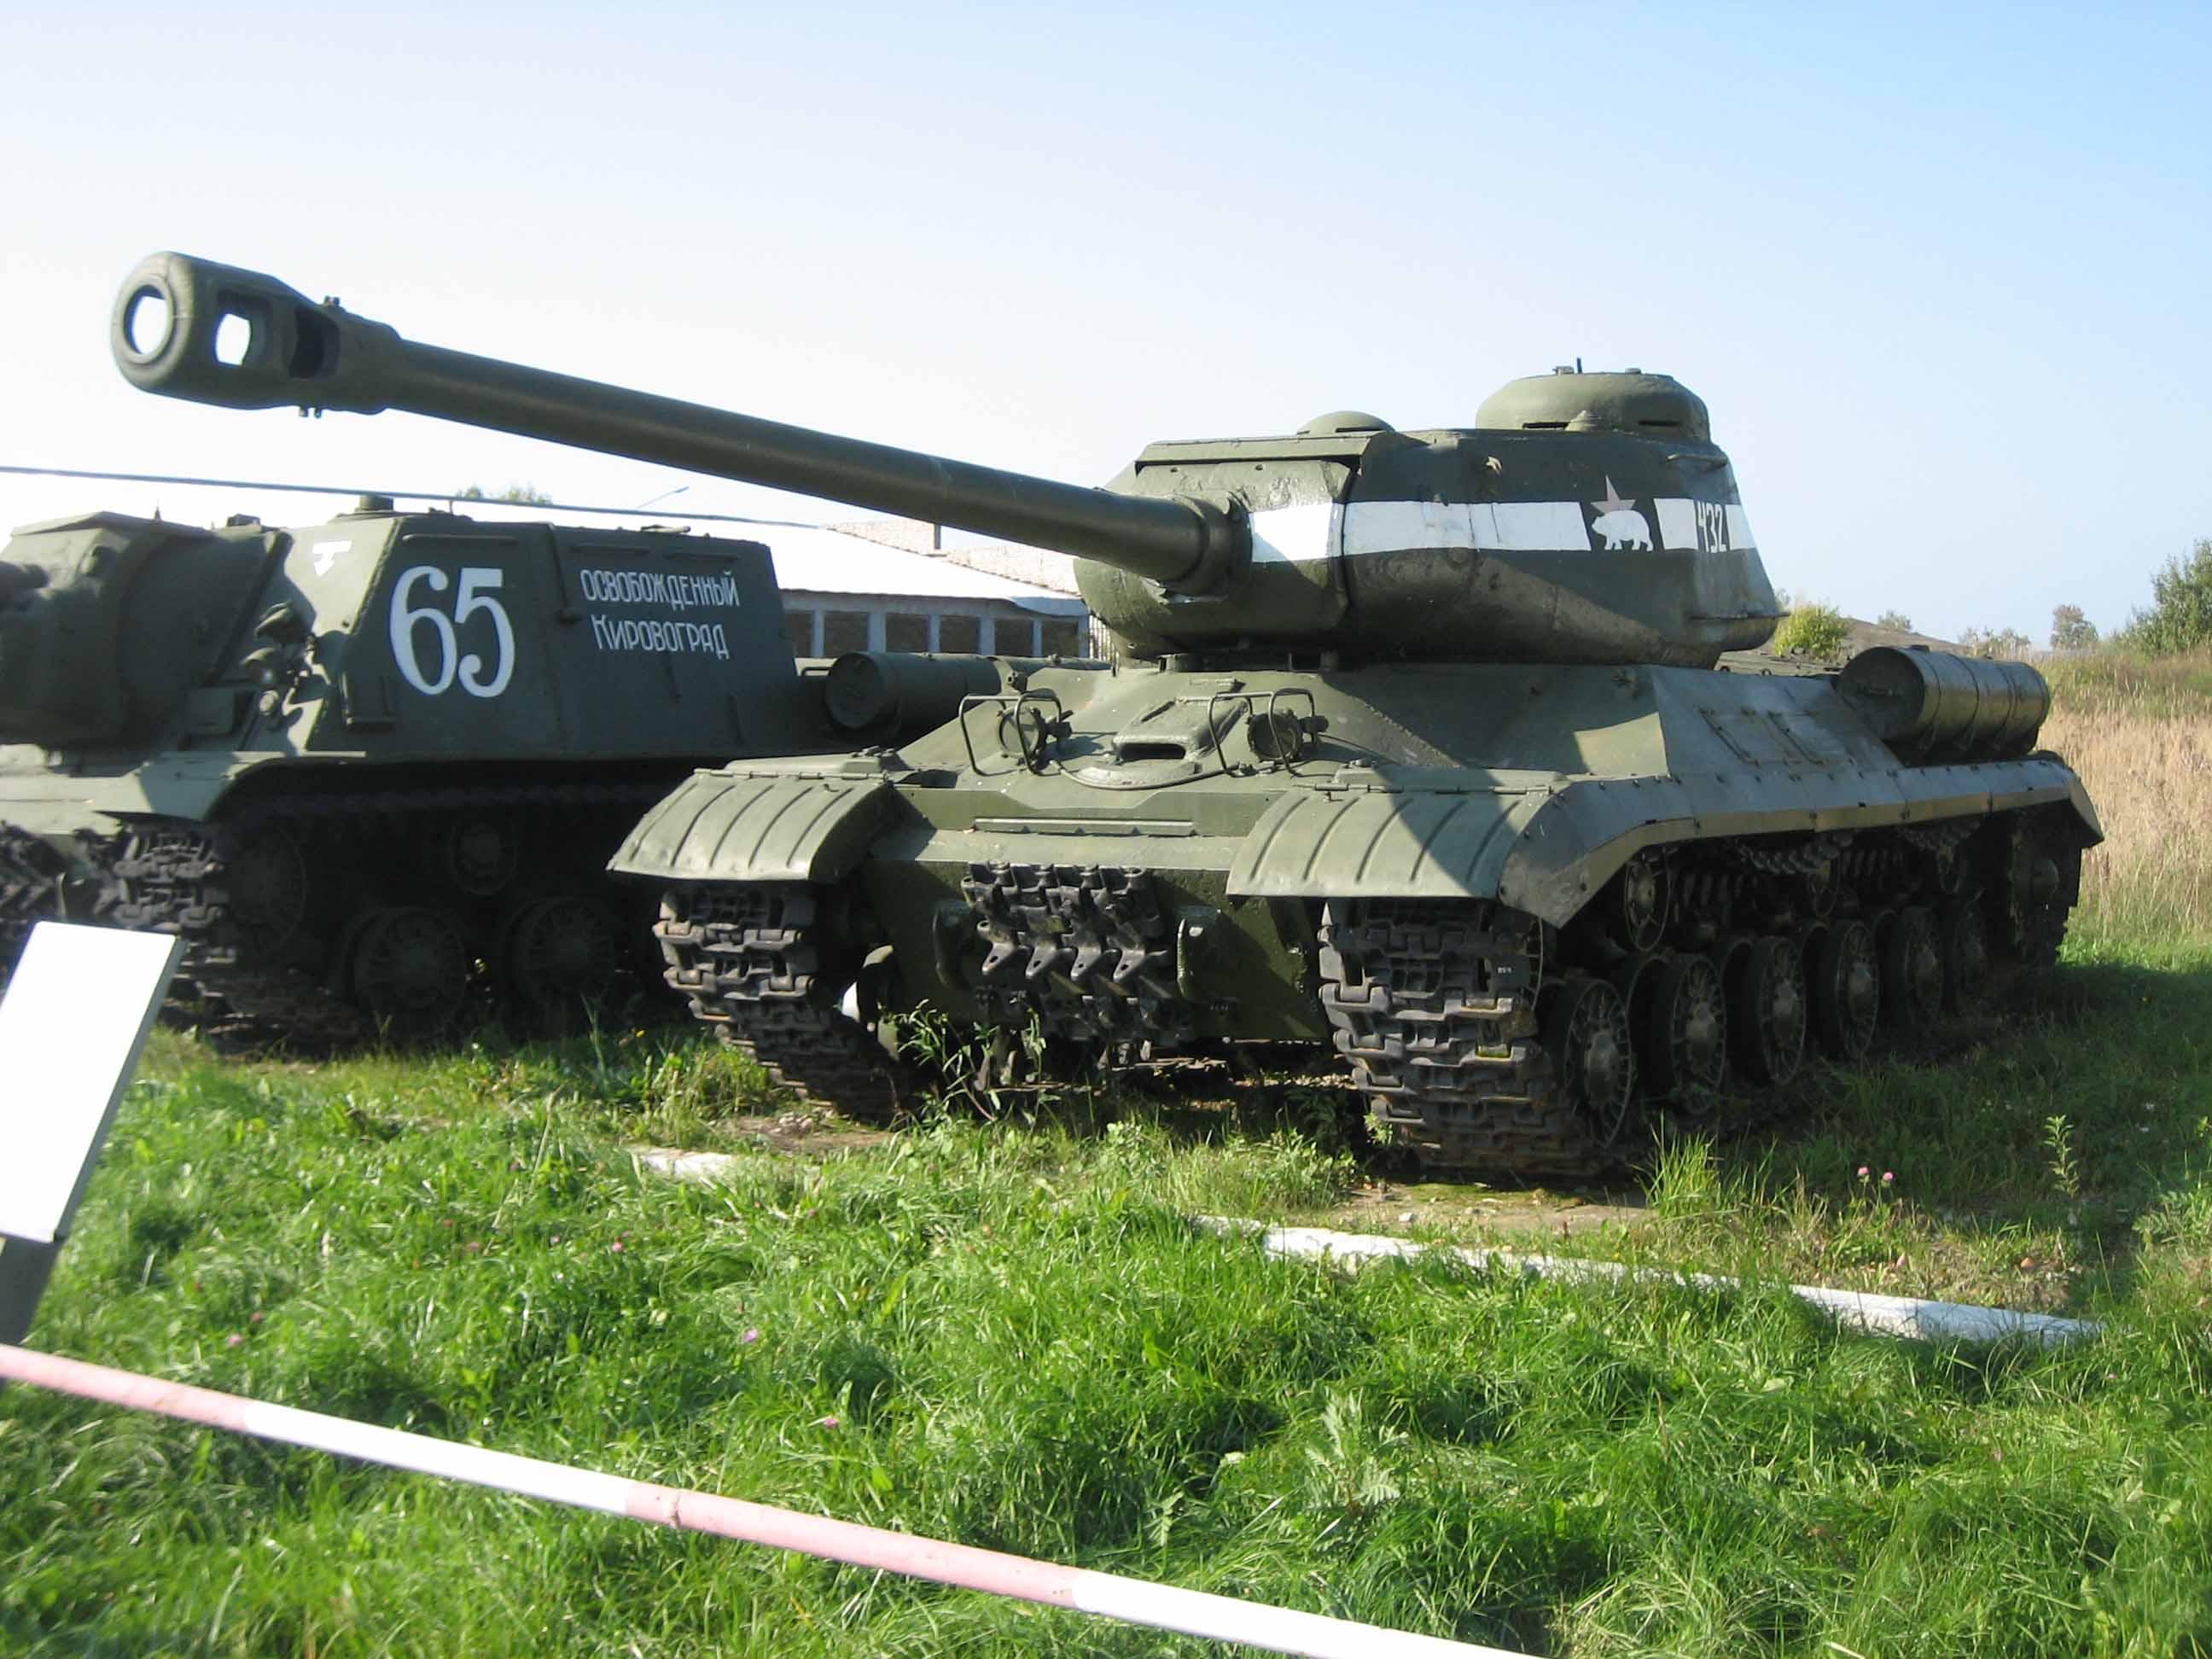 求几张is2坦克的图片,同人,现实的都可以,越高清越好